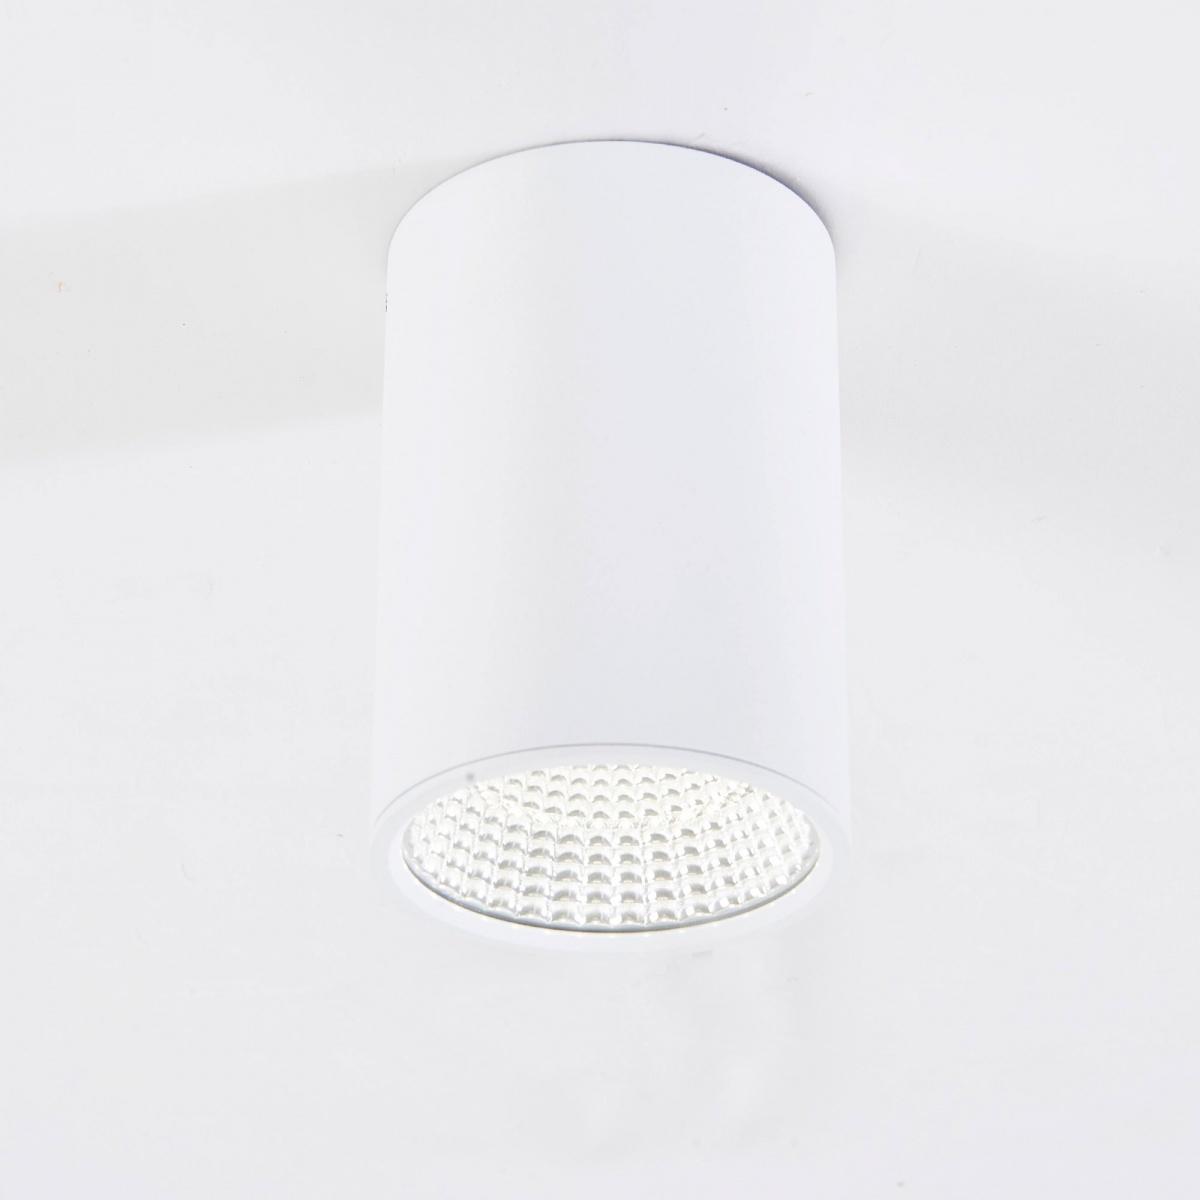 CITILUX CL558100 Накладной светильник СТАМП 1x10W LED белый